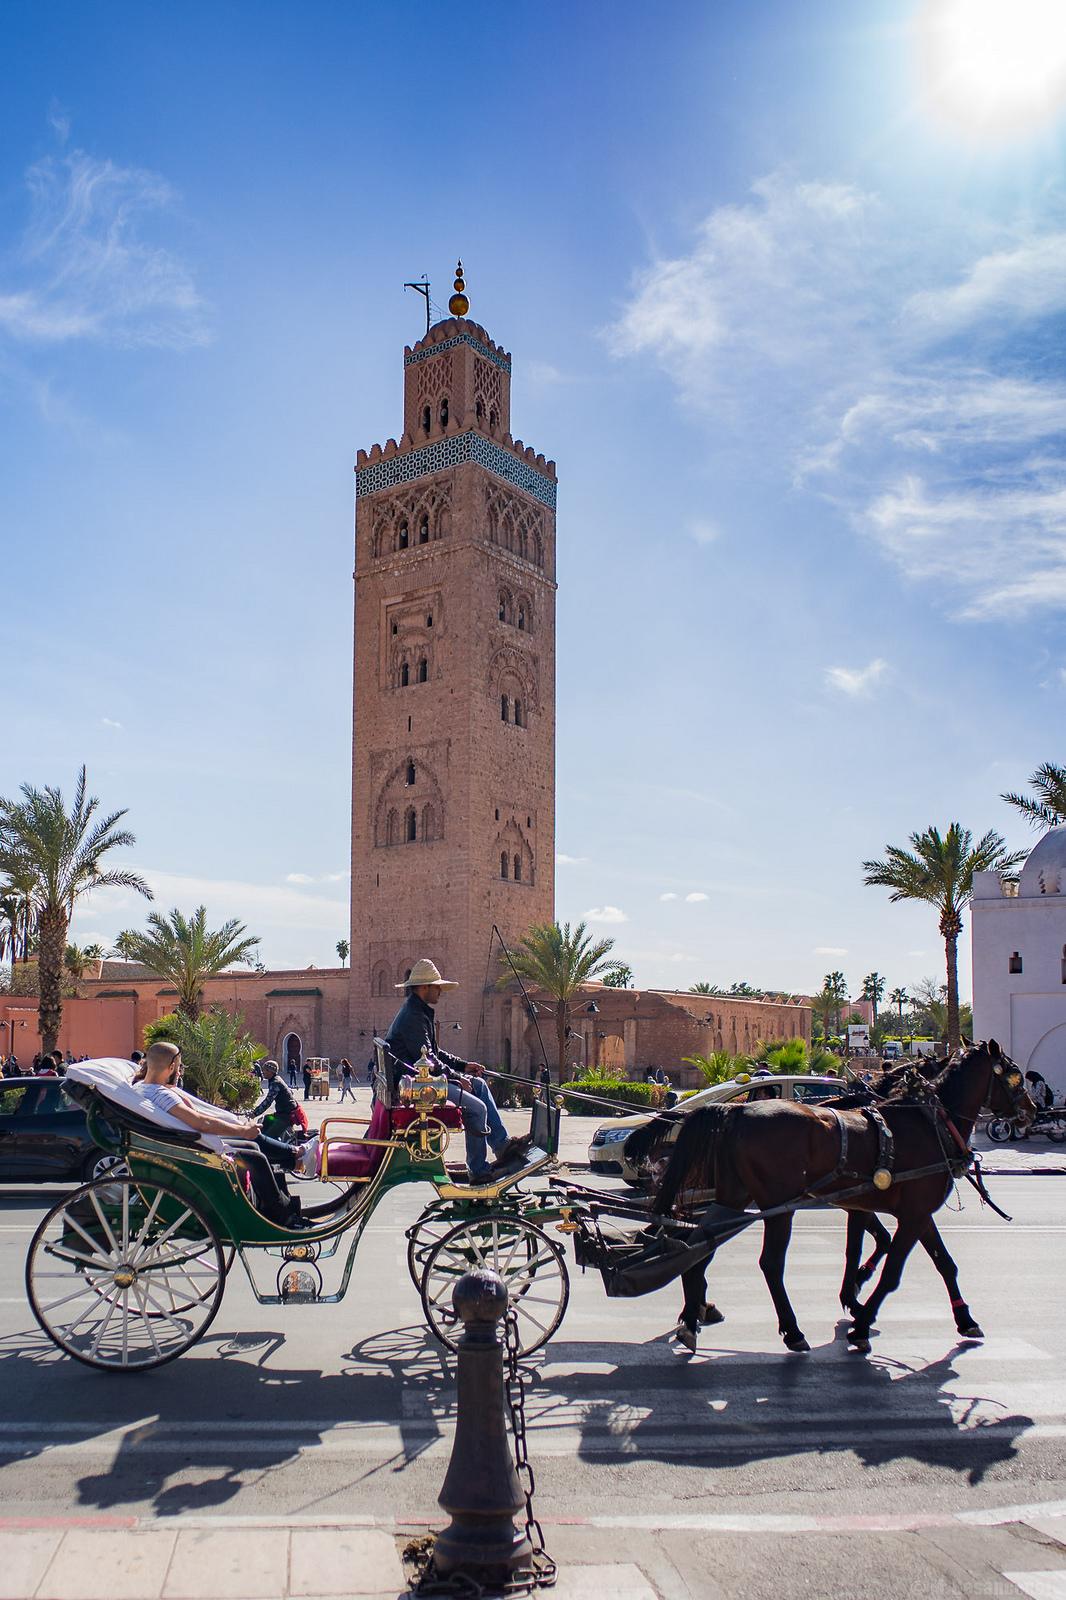 Trek in Morocco -Combined Activities / atlas mountains and desert trip